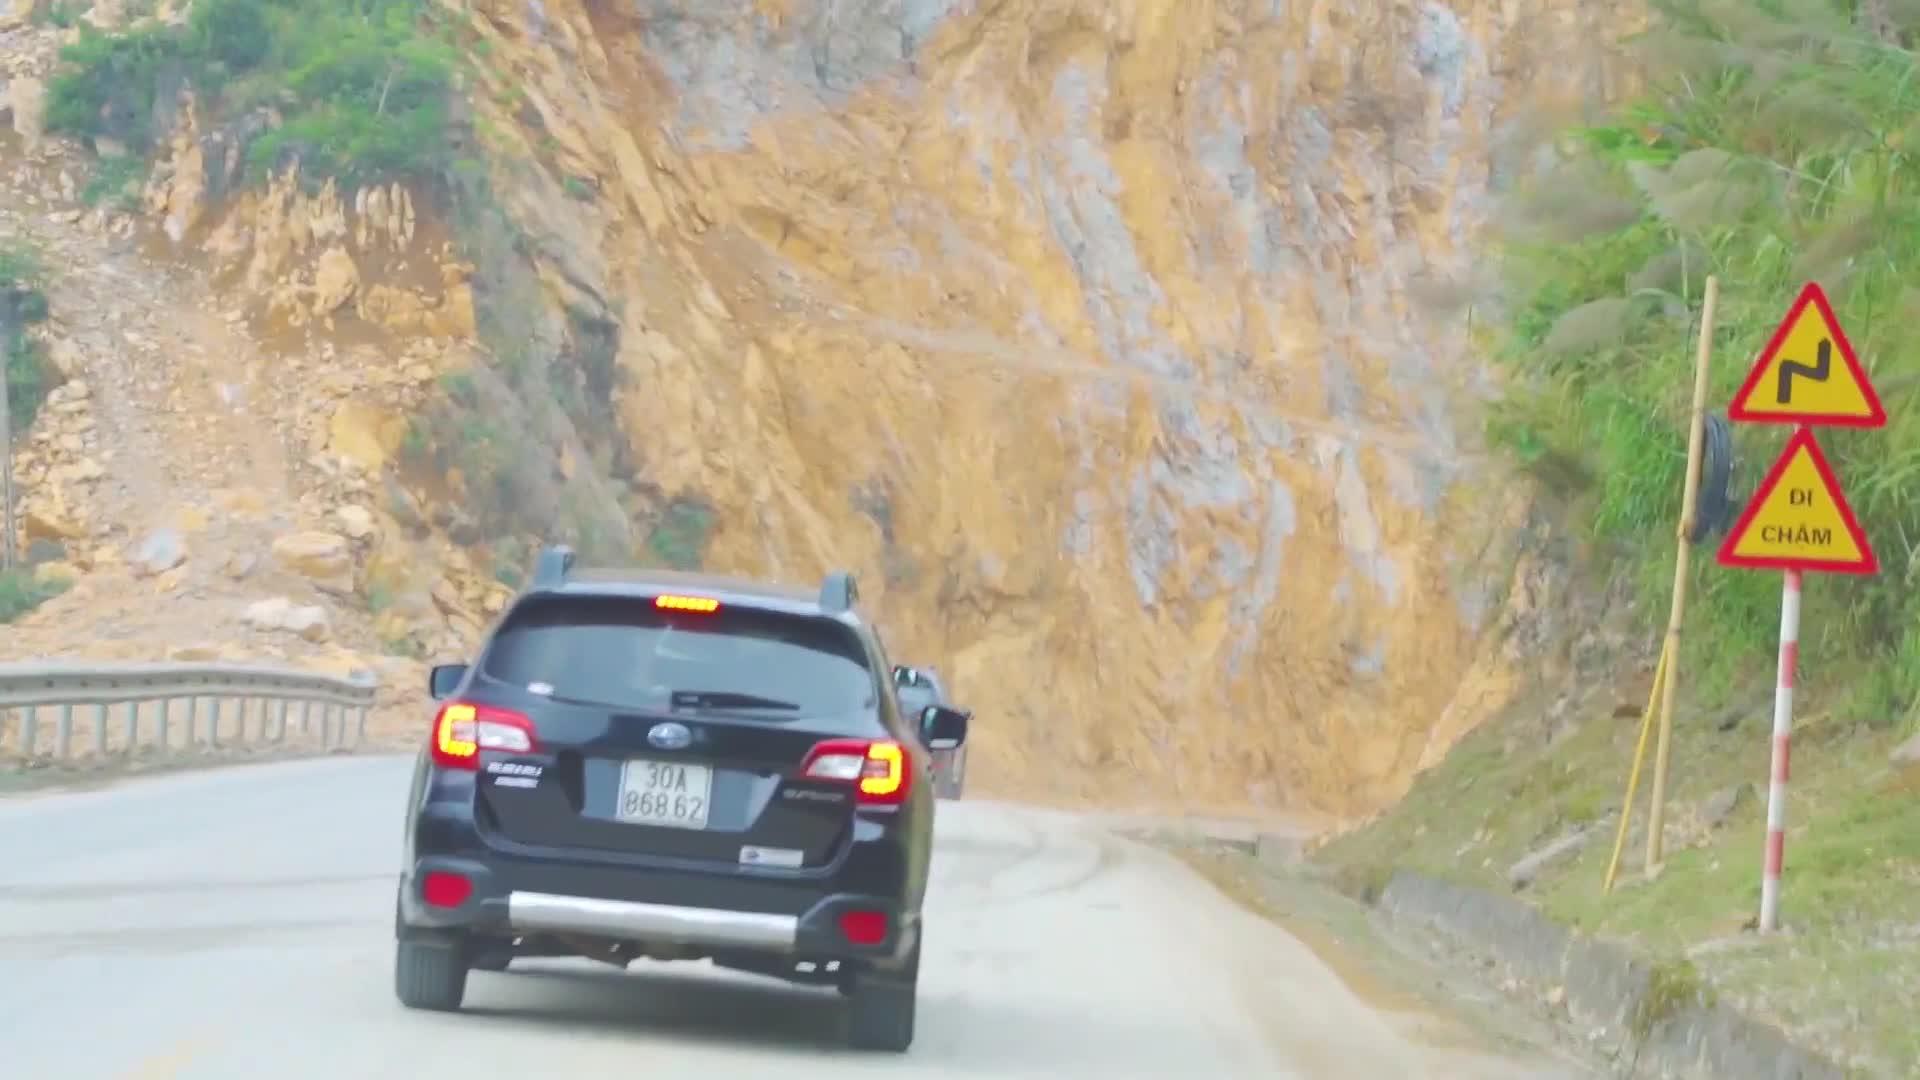 Hành trình Subaru Forester: 500km Hà Nội - Ninh Bình